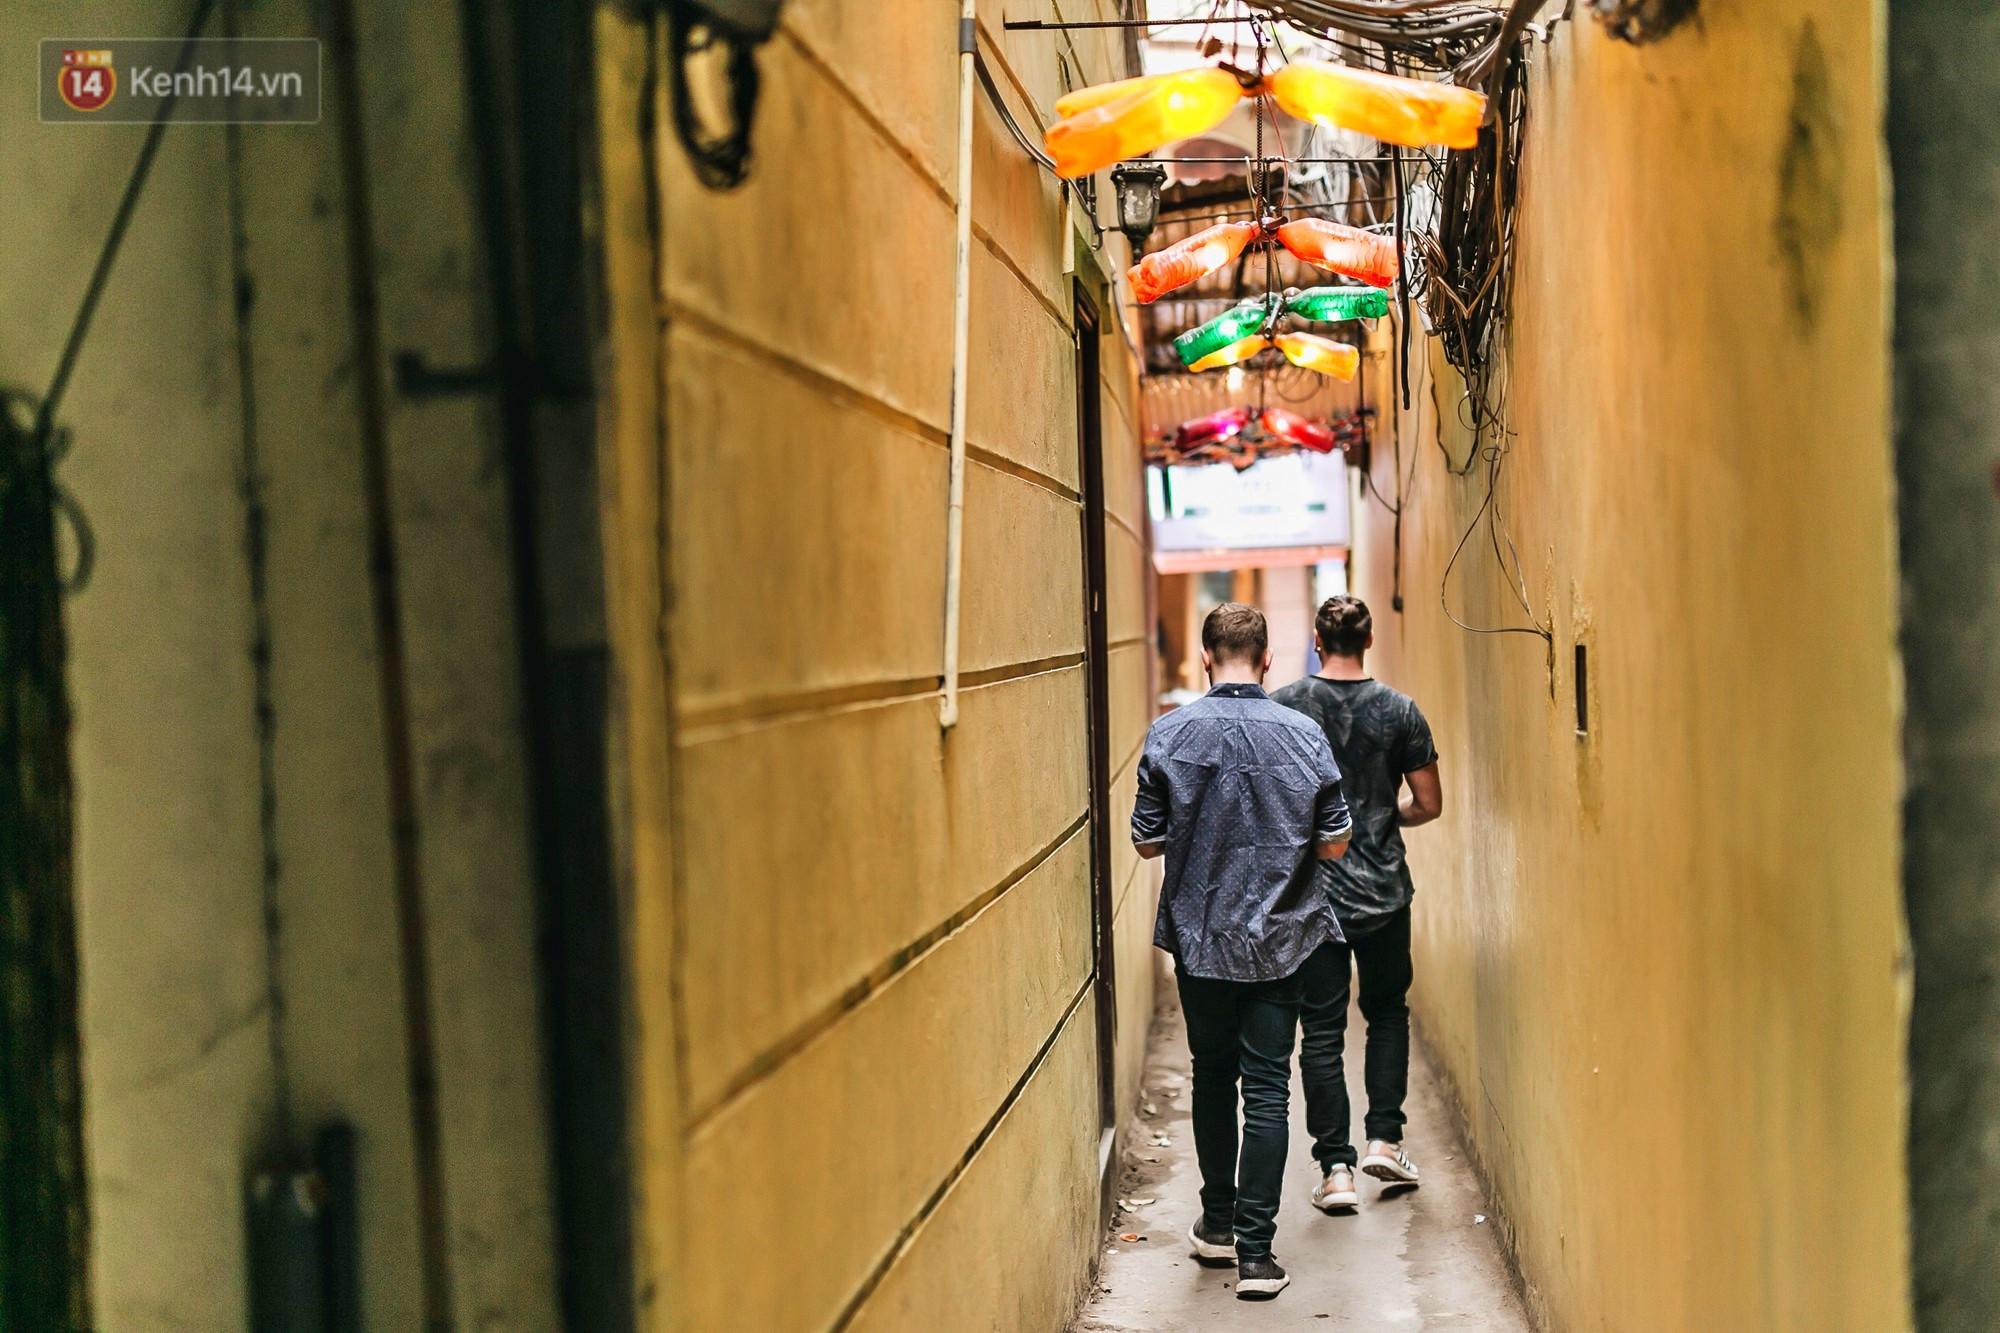 Quán cà phê tái chế lớn nhất Hà Nội: Ý tưởng bắt nguồn từ làng ung thư.2